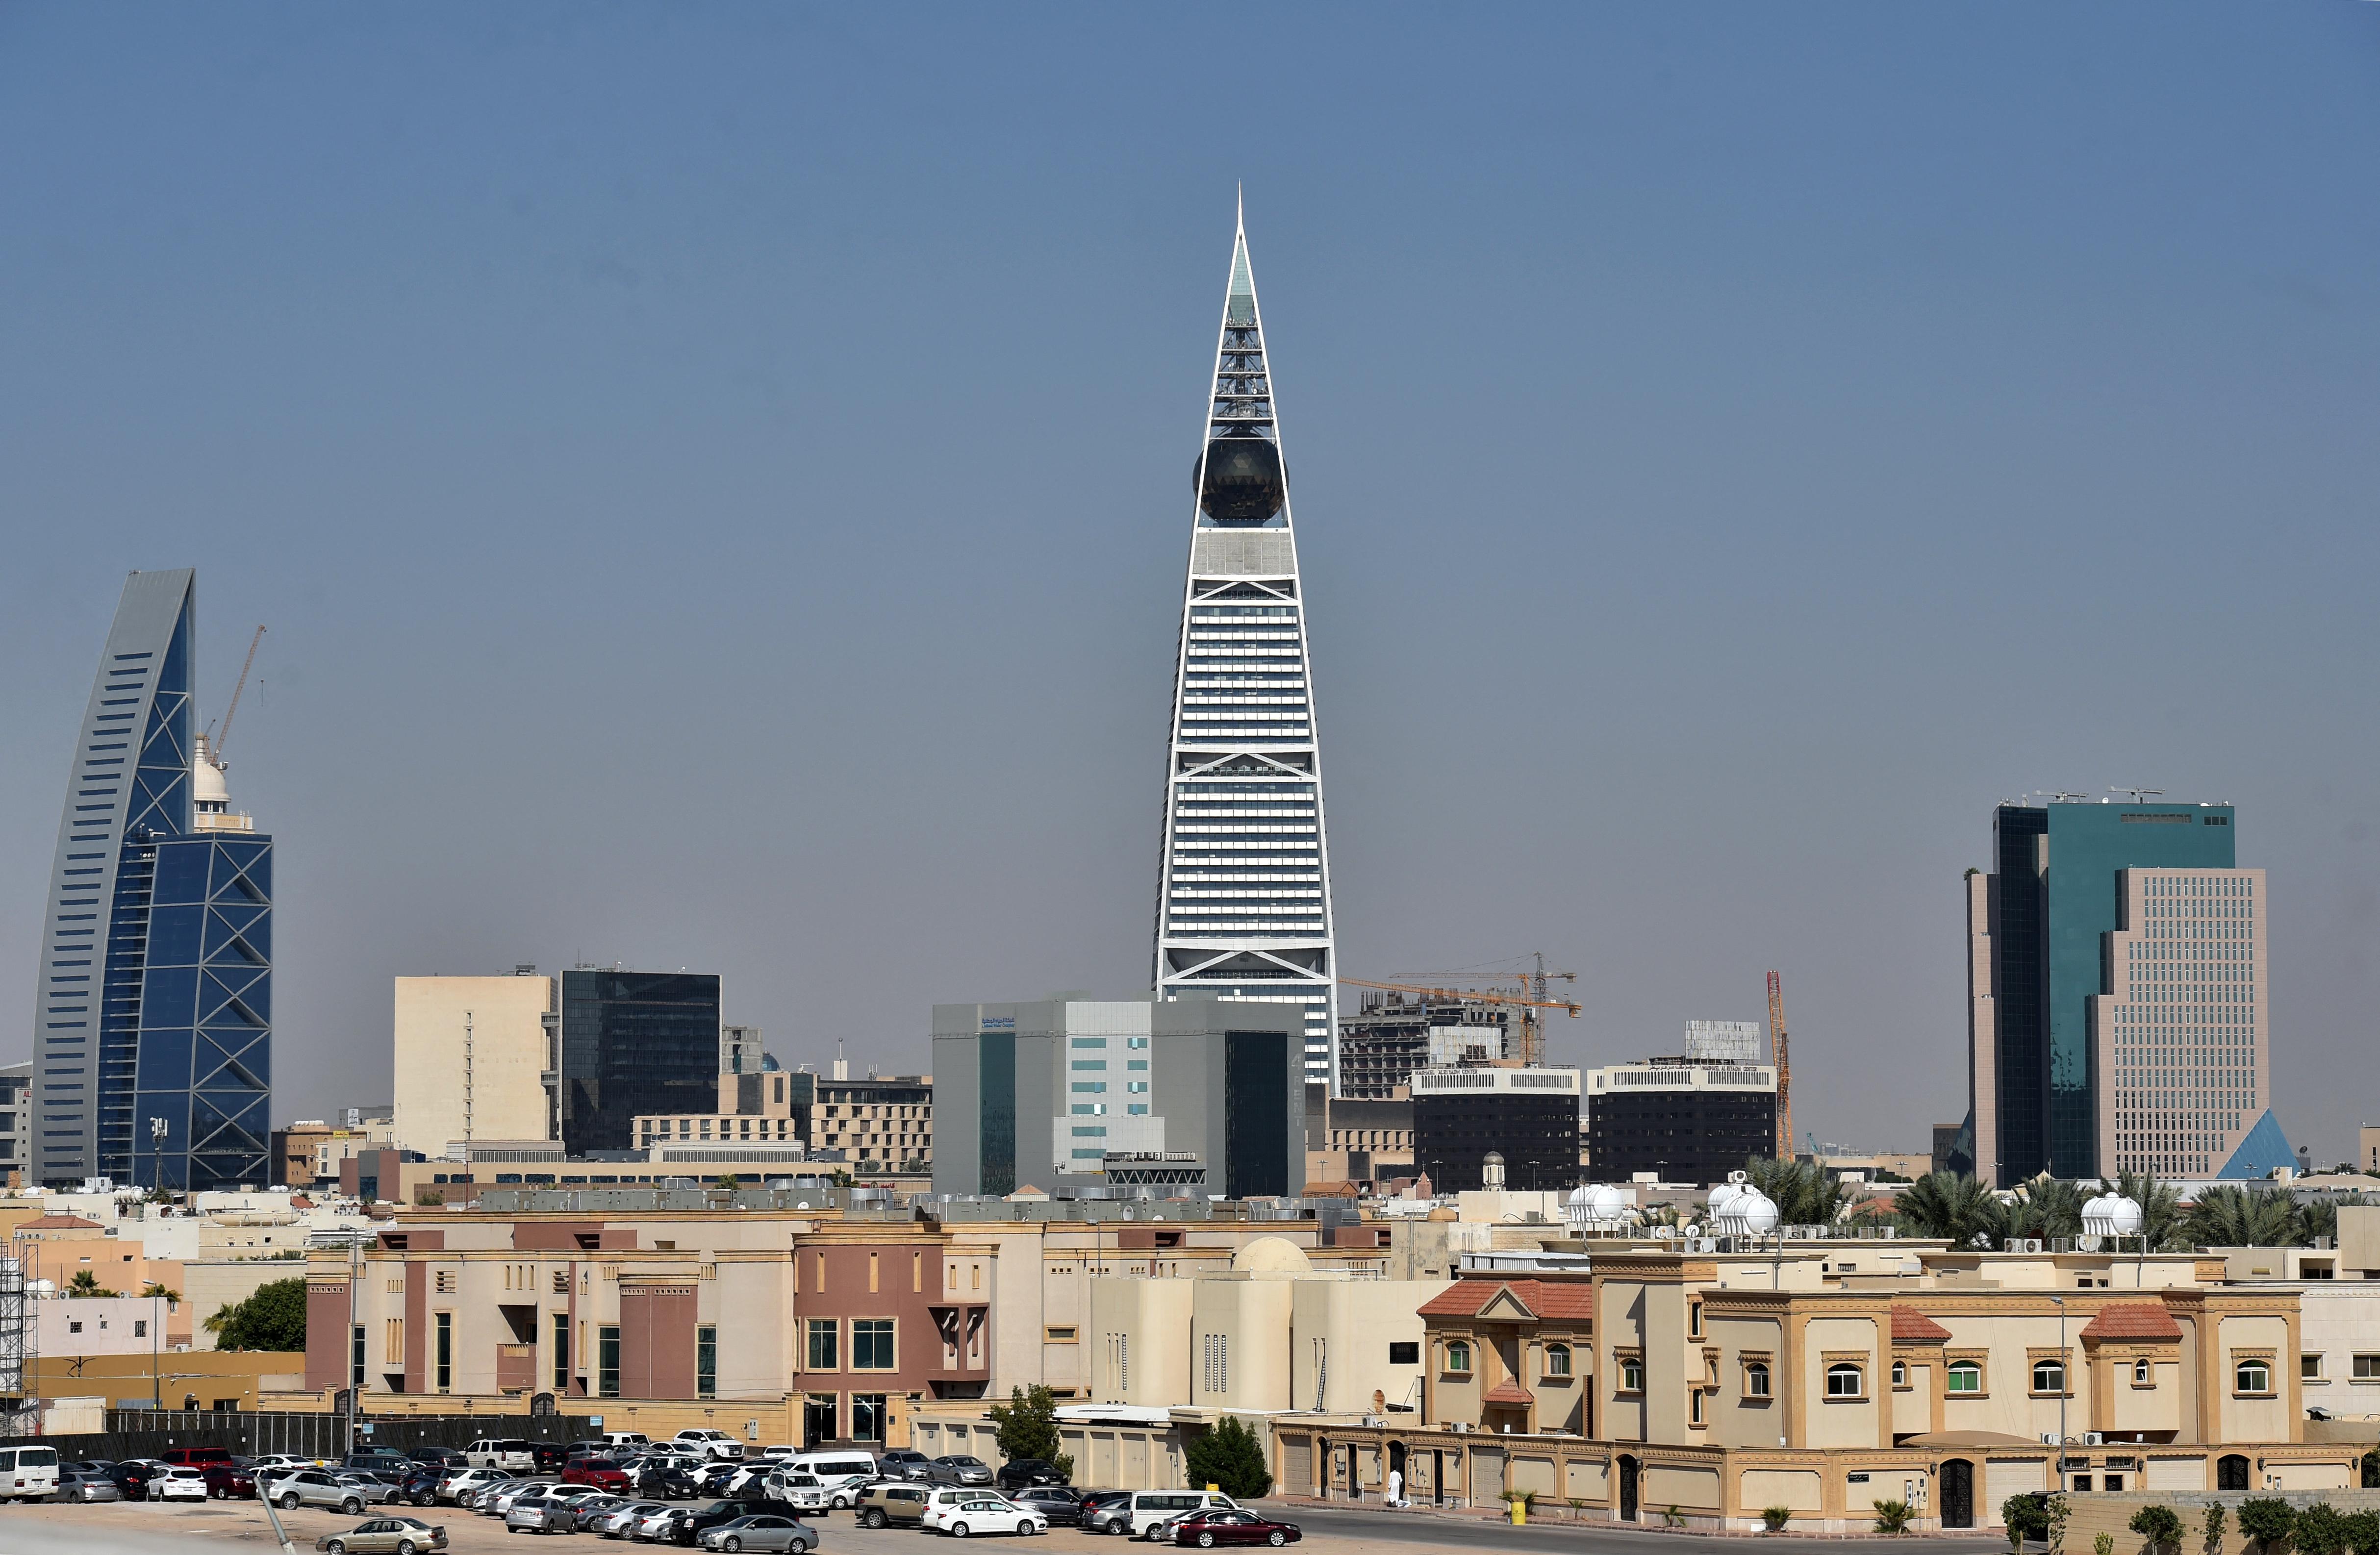 المملكة تستهدف أن تصبح ضمن قائمة أكبر 15 اقتصاد في العالم